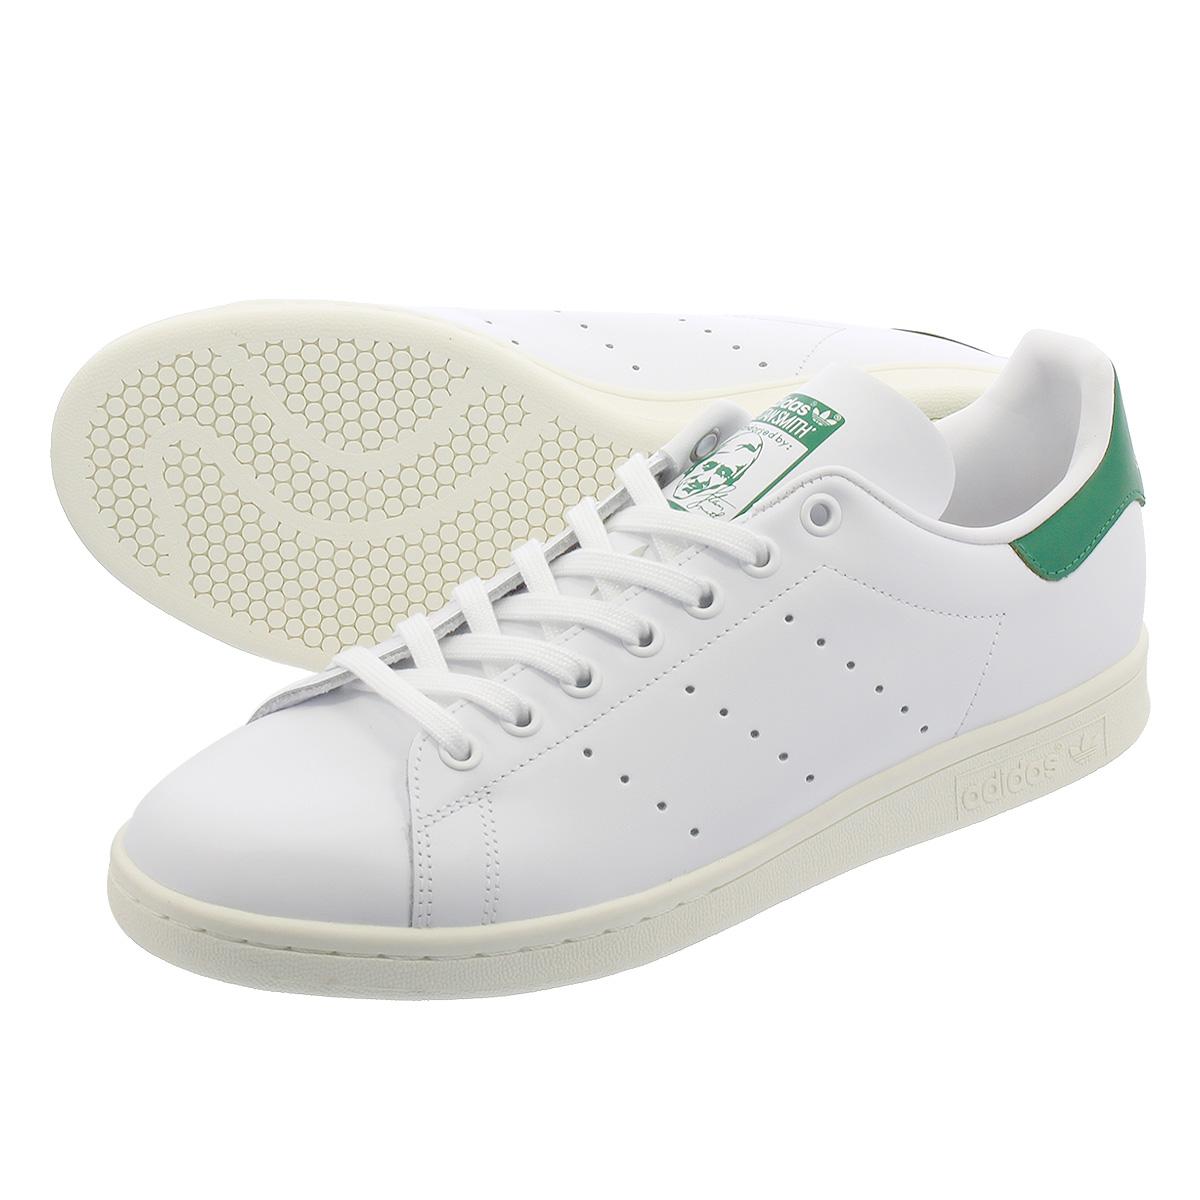 【毎日がお得!値下げプライス】 adidas STAN SMITH 【adidas Originals】【メンズ】【レディース】 アディダス スタンスミス RUNNING WHITE/OFF WHITE/BOLD GREEN bd7432